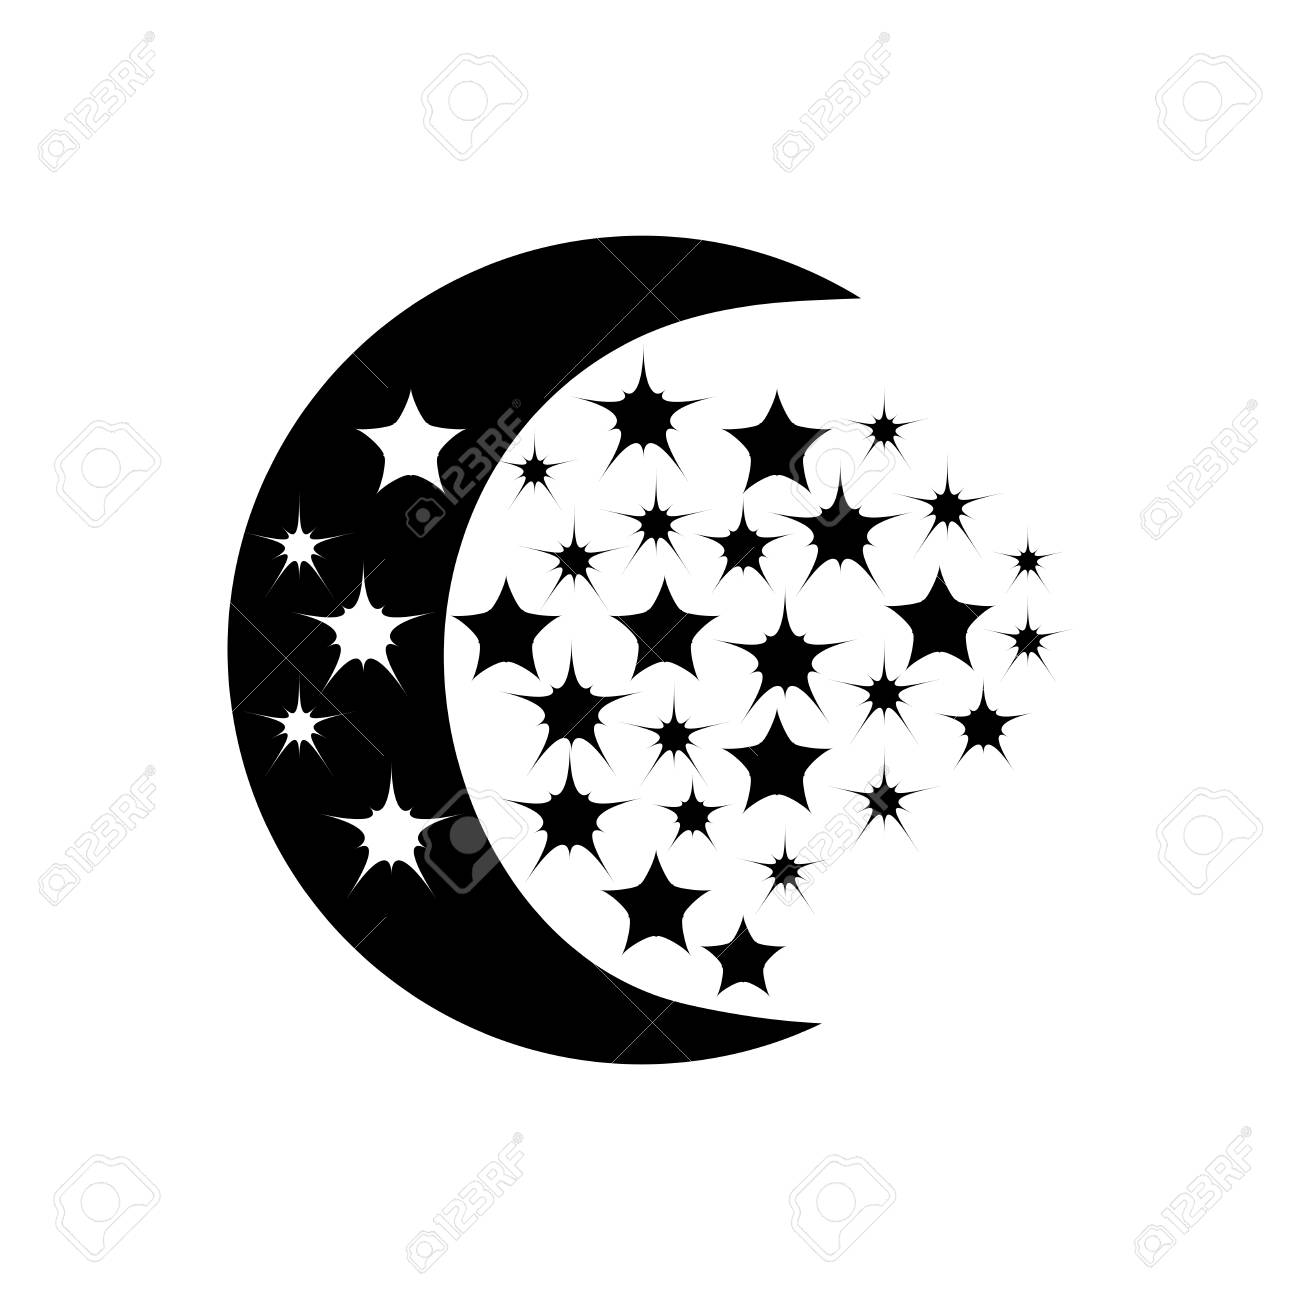 Schwarzer Mond Und Sterne Auf Weißem Hintergrund. Abstraktes ...